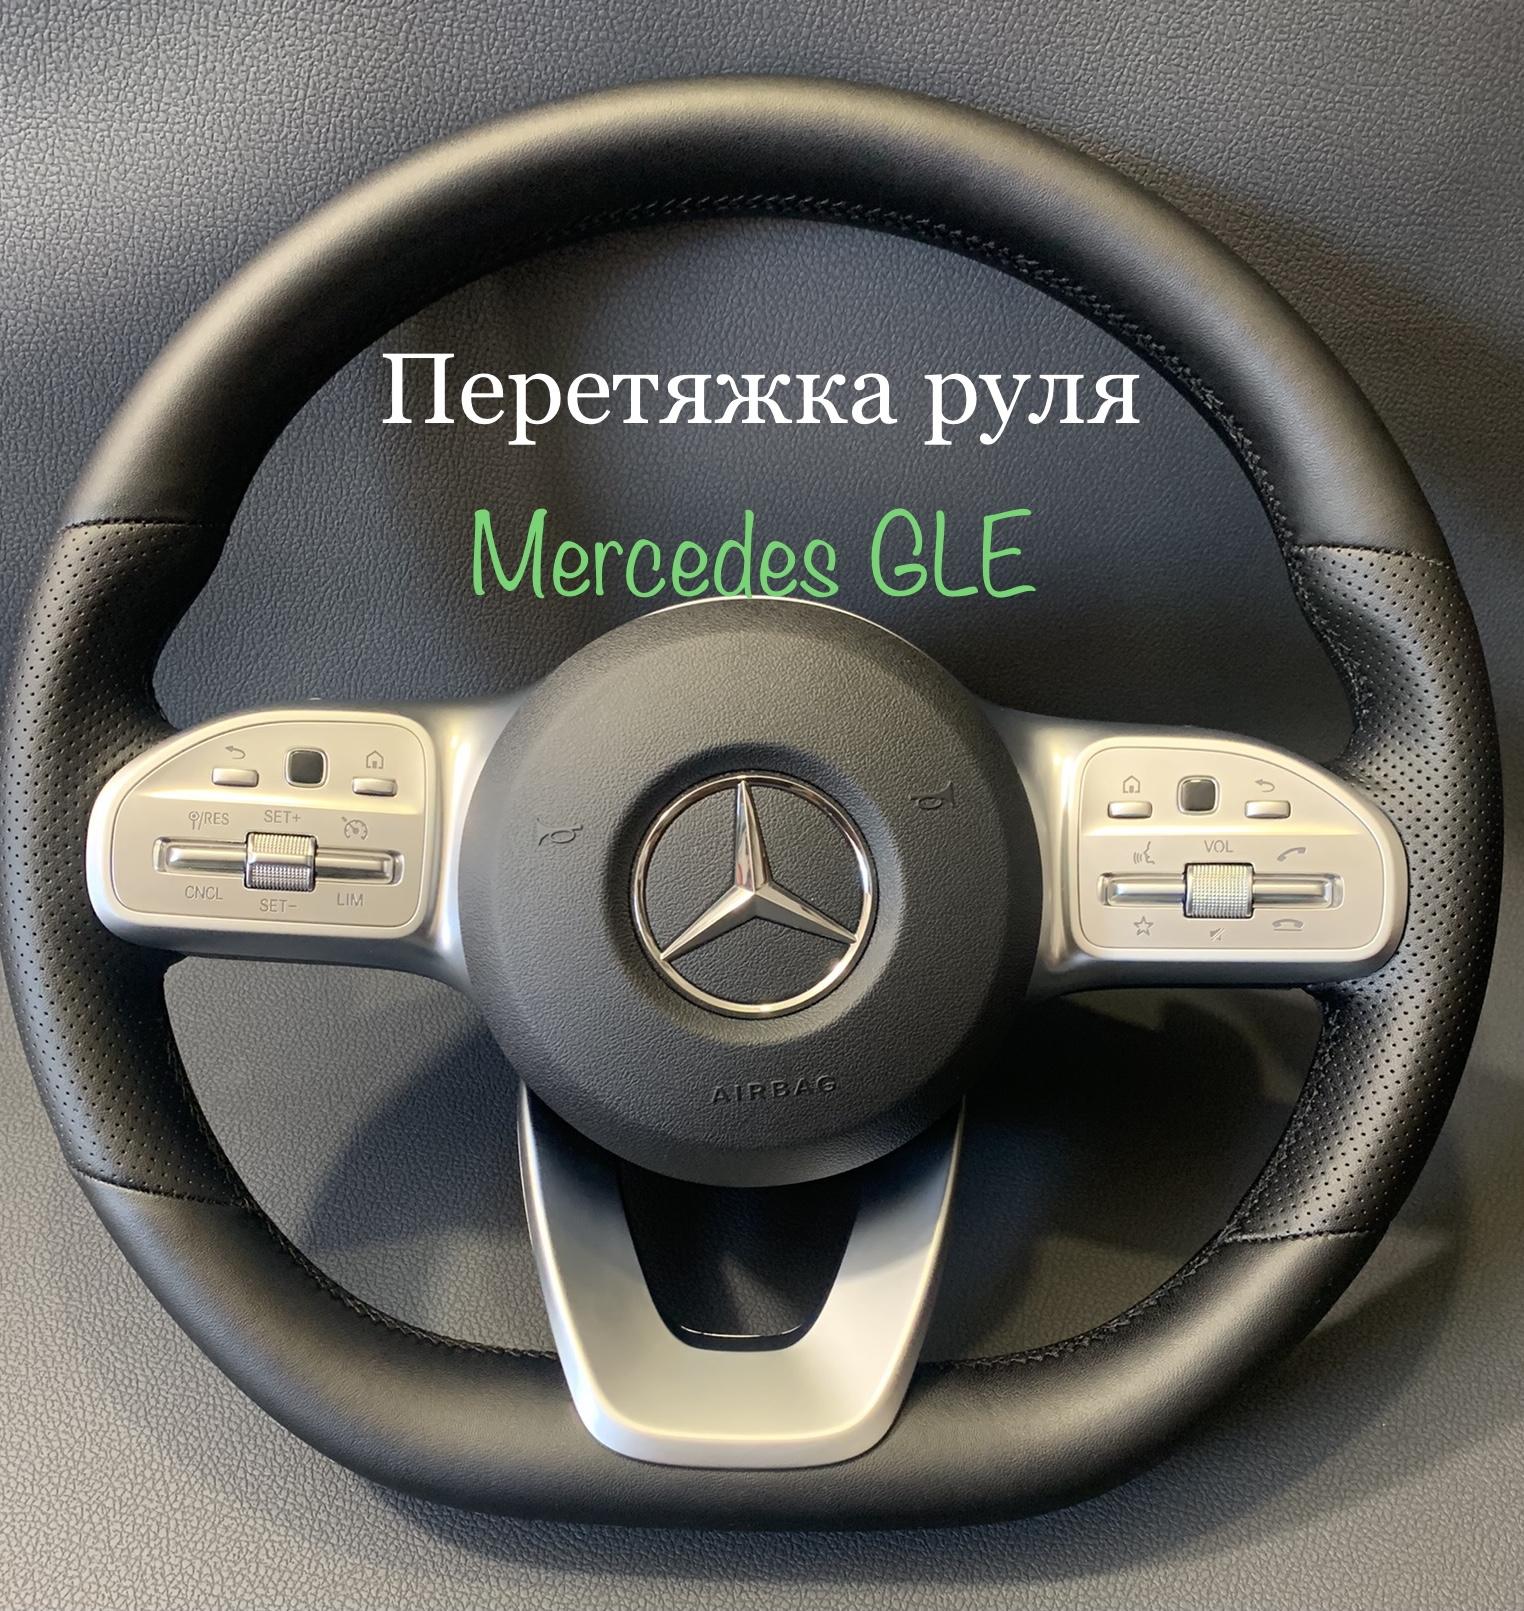 Перетяжка руляMercedes GLEкожей Наппа с перфорациейстоимость работы 8000